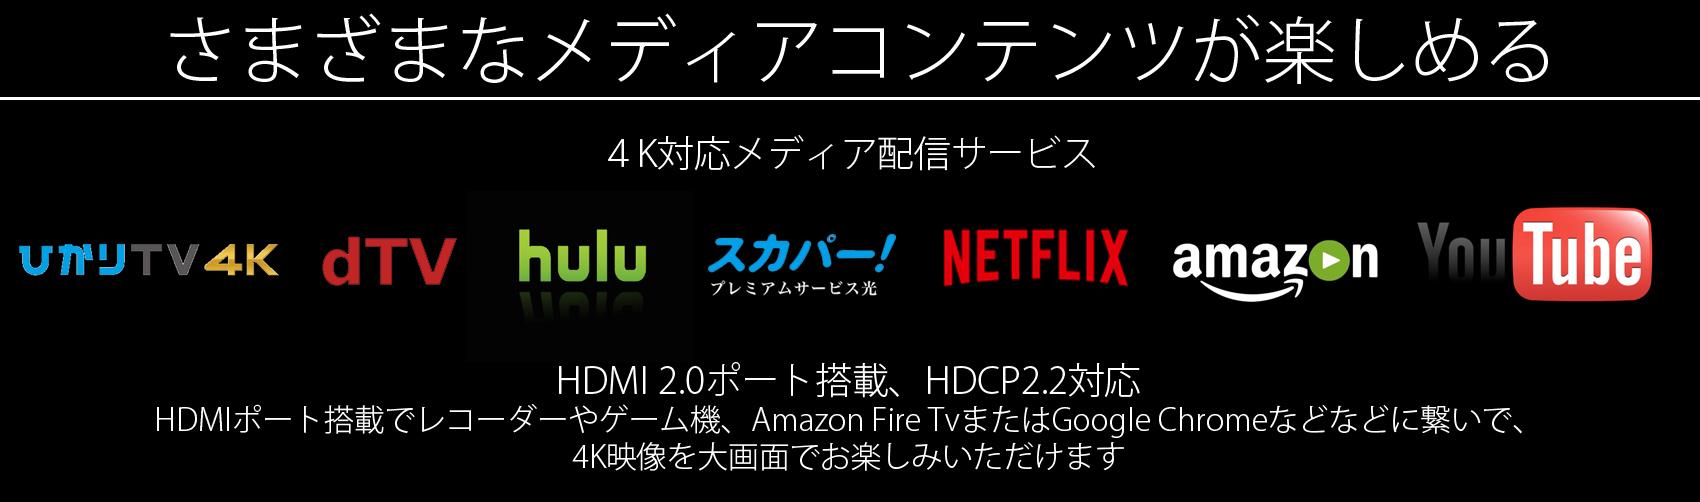 HDMI2.0 HDCP2.2対応で4K配信コンテンツが楽しめる。パソコンのみならず、4K対応メディア配信サービスが楽しめる(ひかりTV 4K, NETFLIX,スカパー,AMAZONビデオ等)。 HDMI2.0ポート搭載でレコーダーやゲーム機、Amazon Fire TVまたはGoogle Chromeなどなどに繋いで4K映像を大画面でお楽しみいただけます。